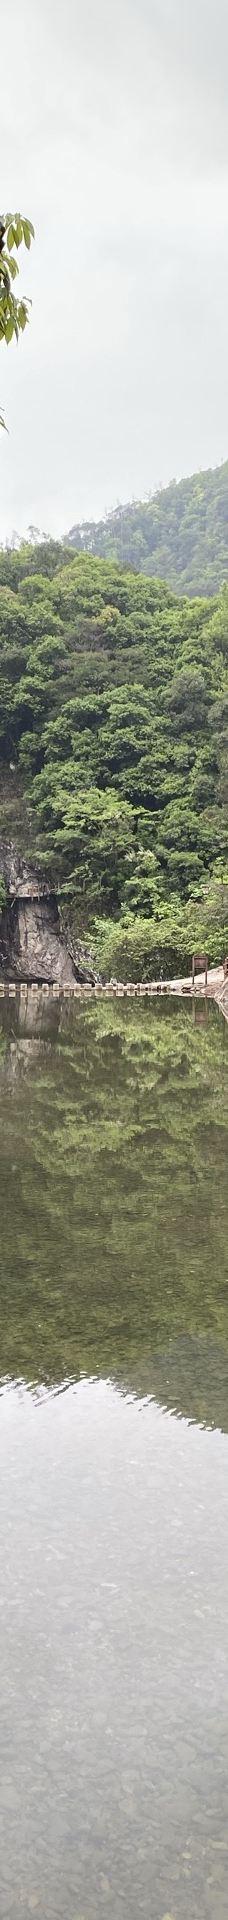 龙湾潭国家森林公园-永嘉